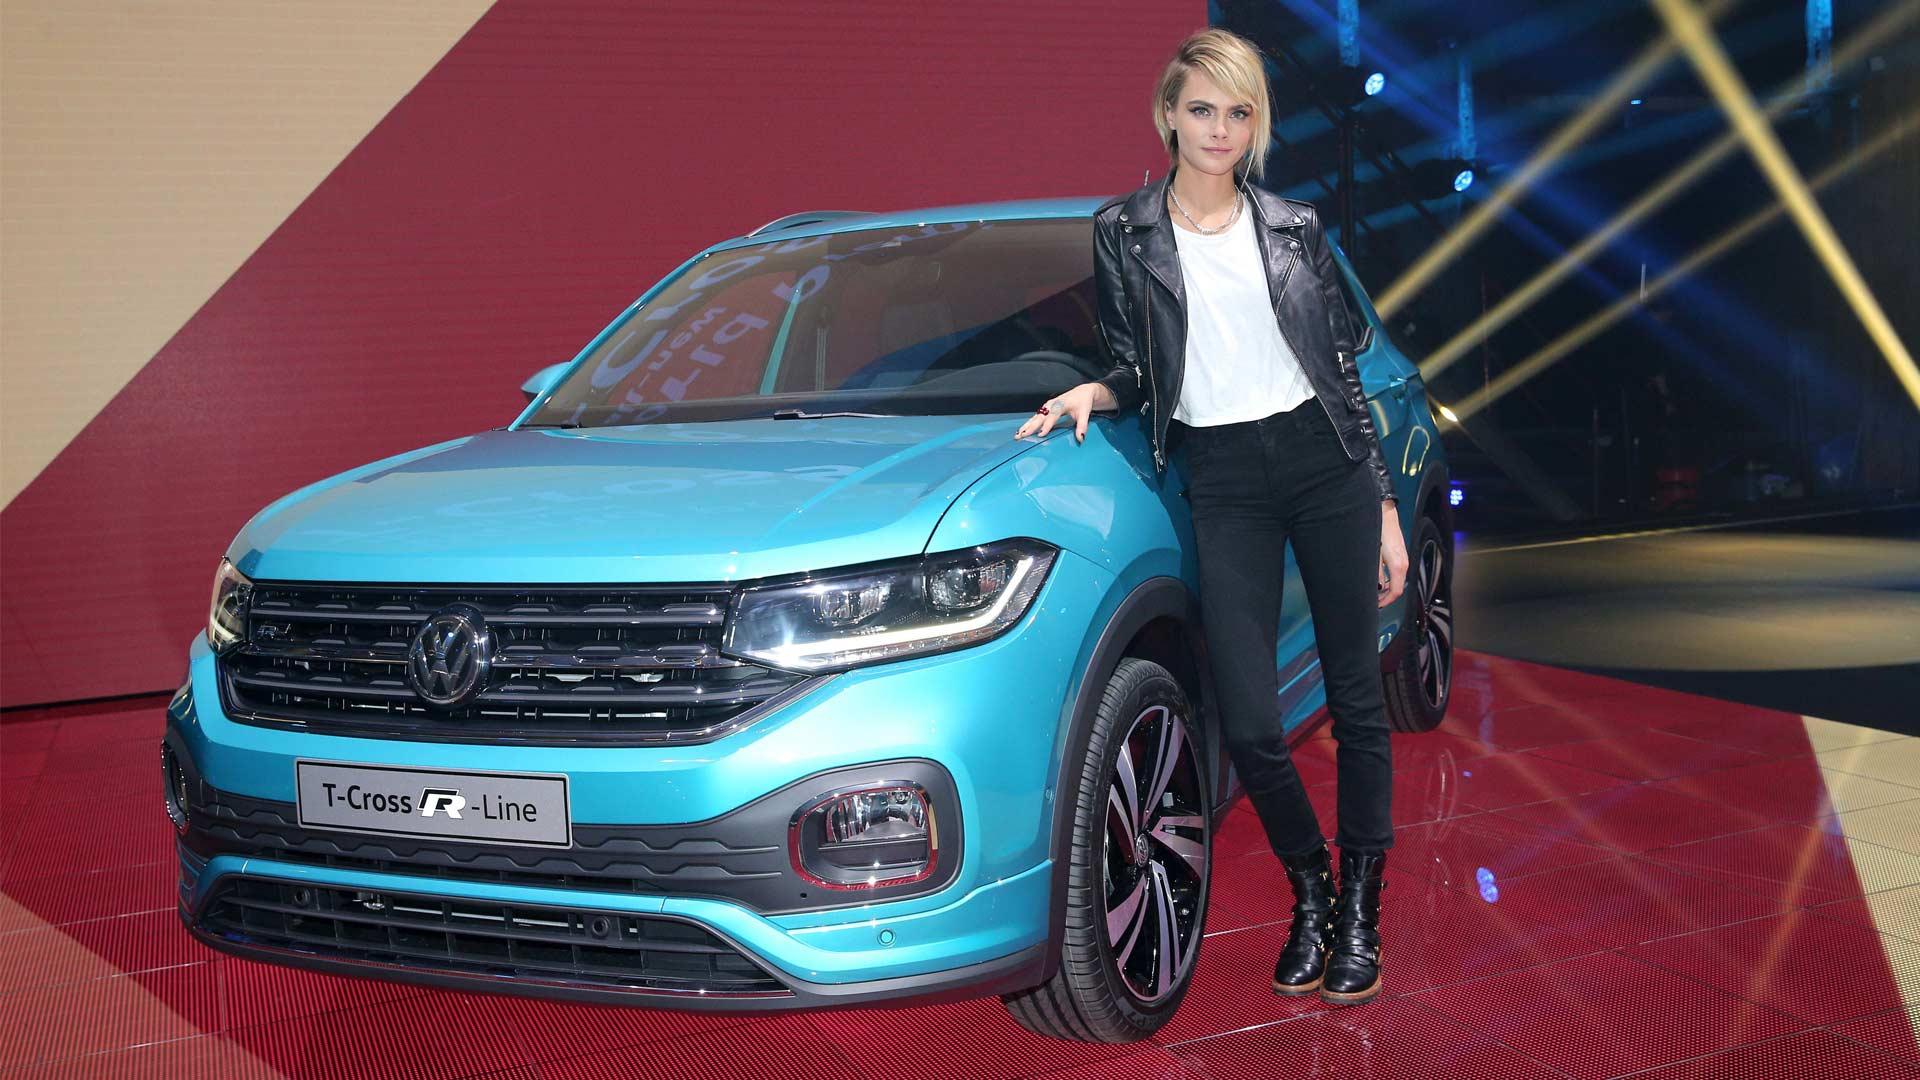 Volkswagen-T-Cross-R-Line-Cara-Delevingne